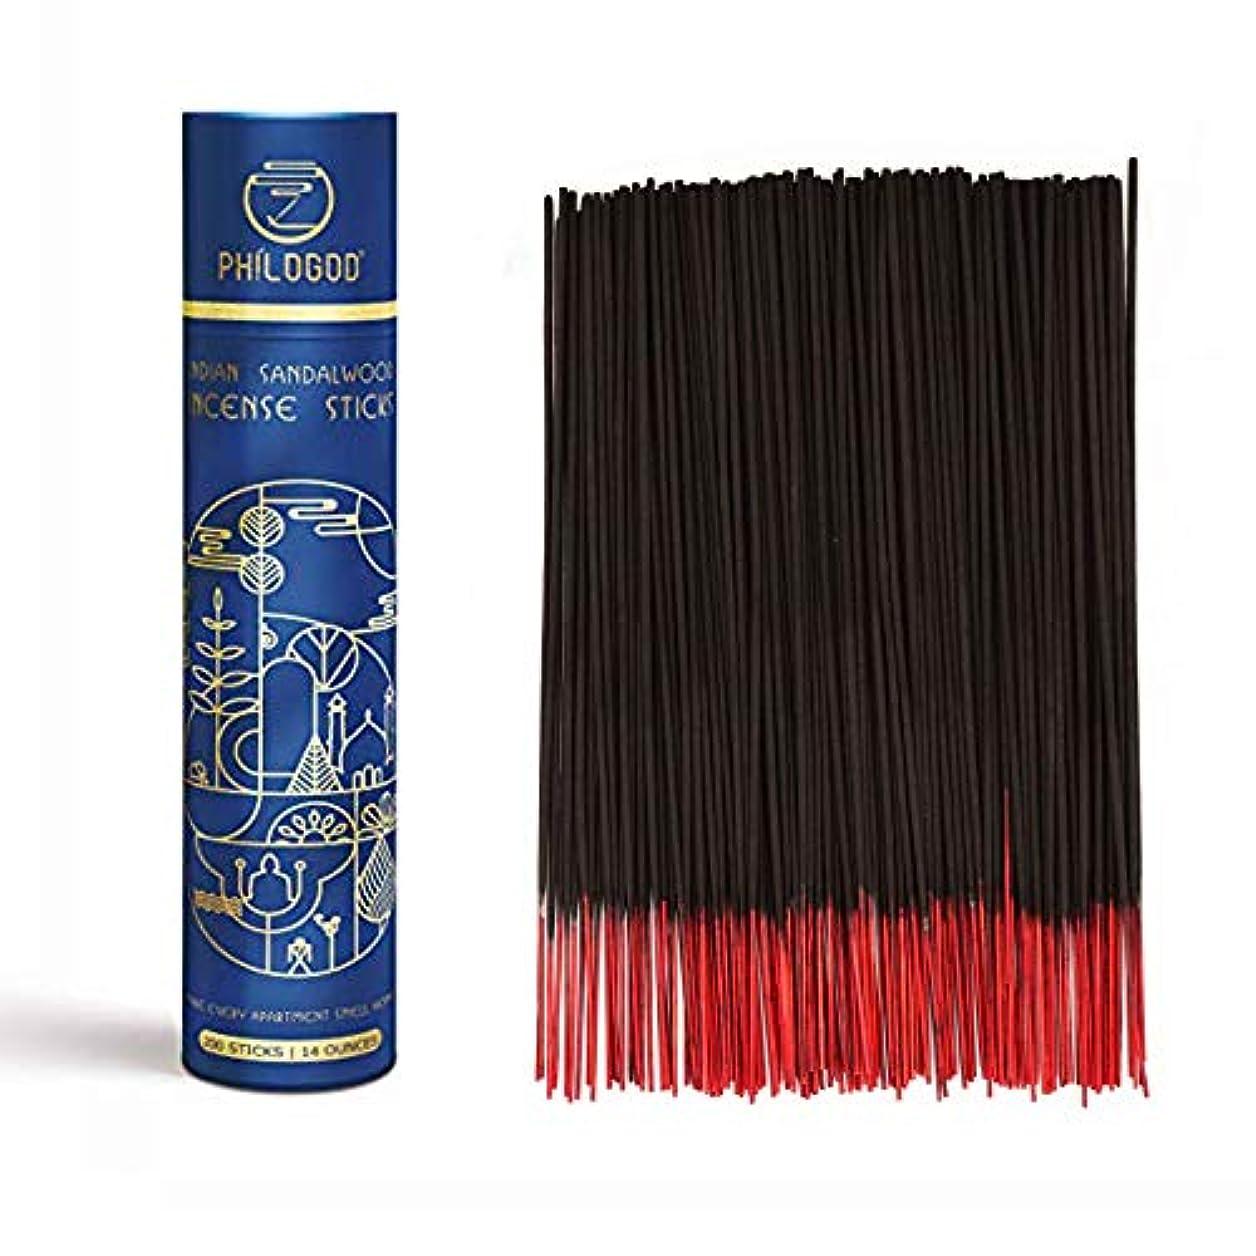 ジョージエリオット骨印象上質なインドお香スティック 手作り 100%ナチュラル 長続く線香 ヨガ瞑想 200本入れ (オリエンタル系)